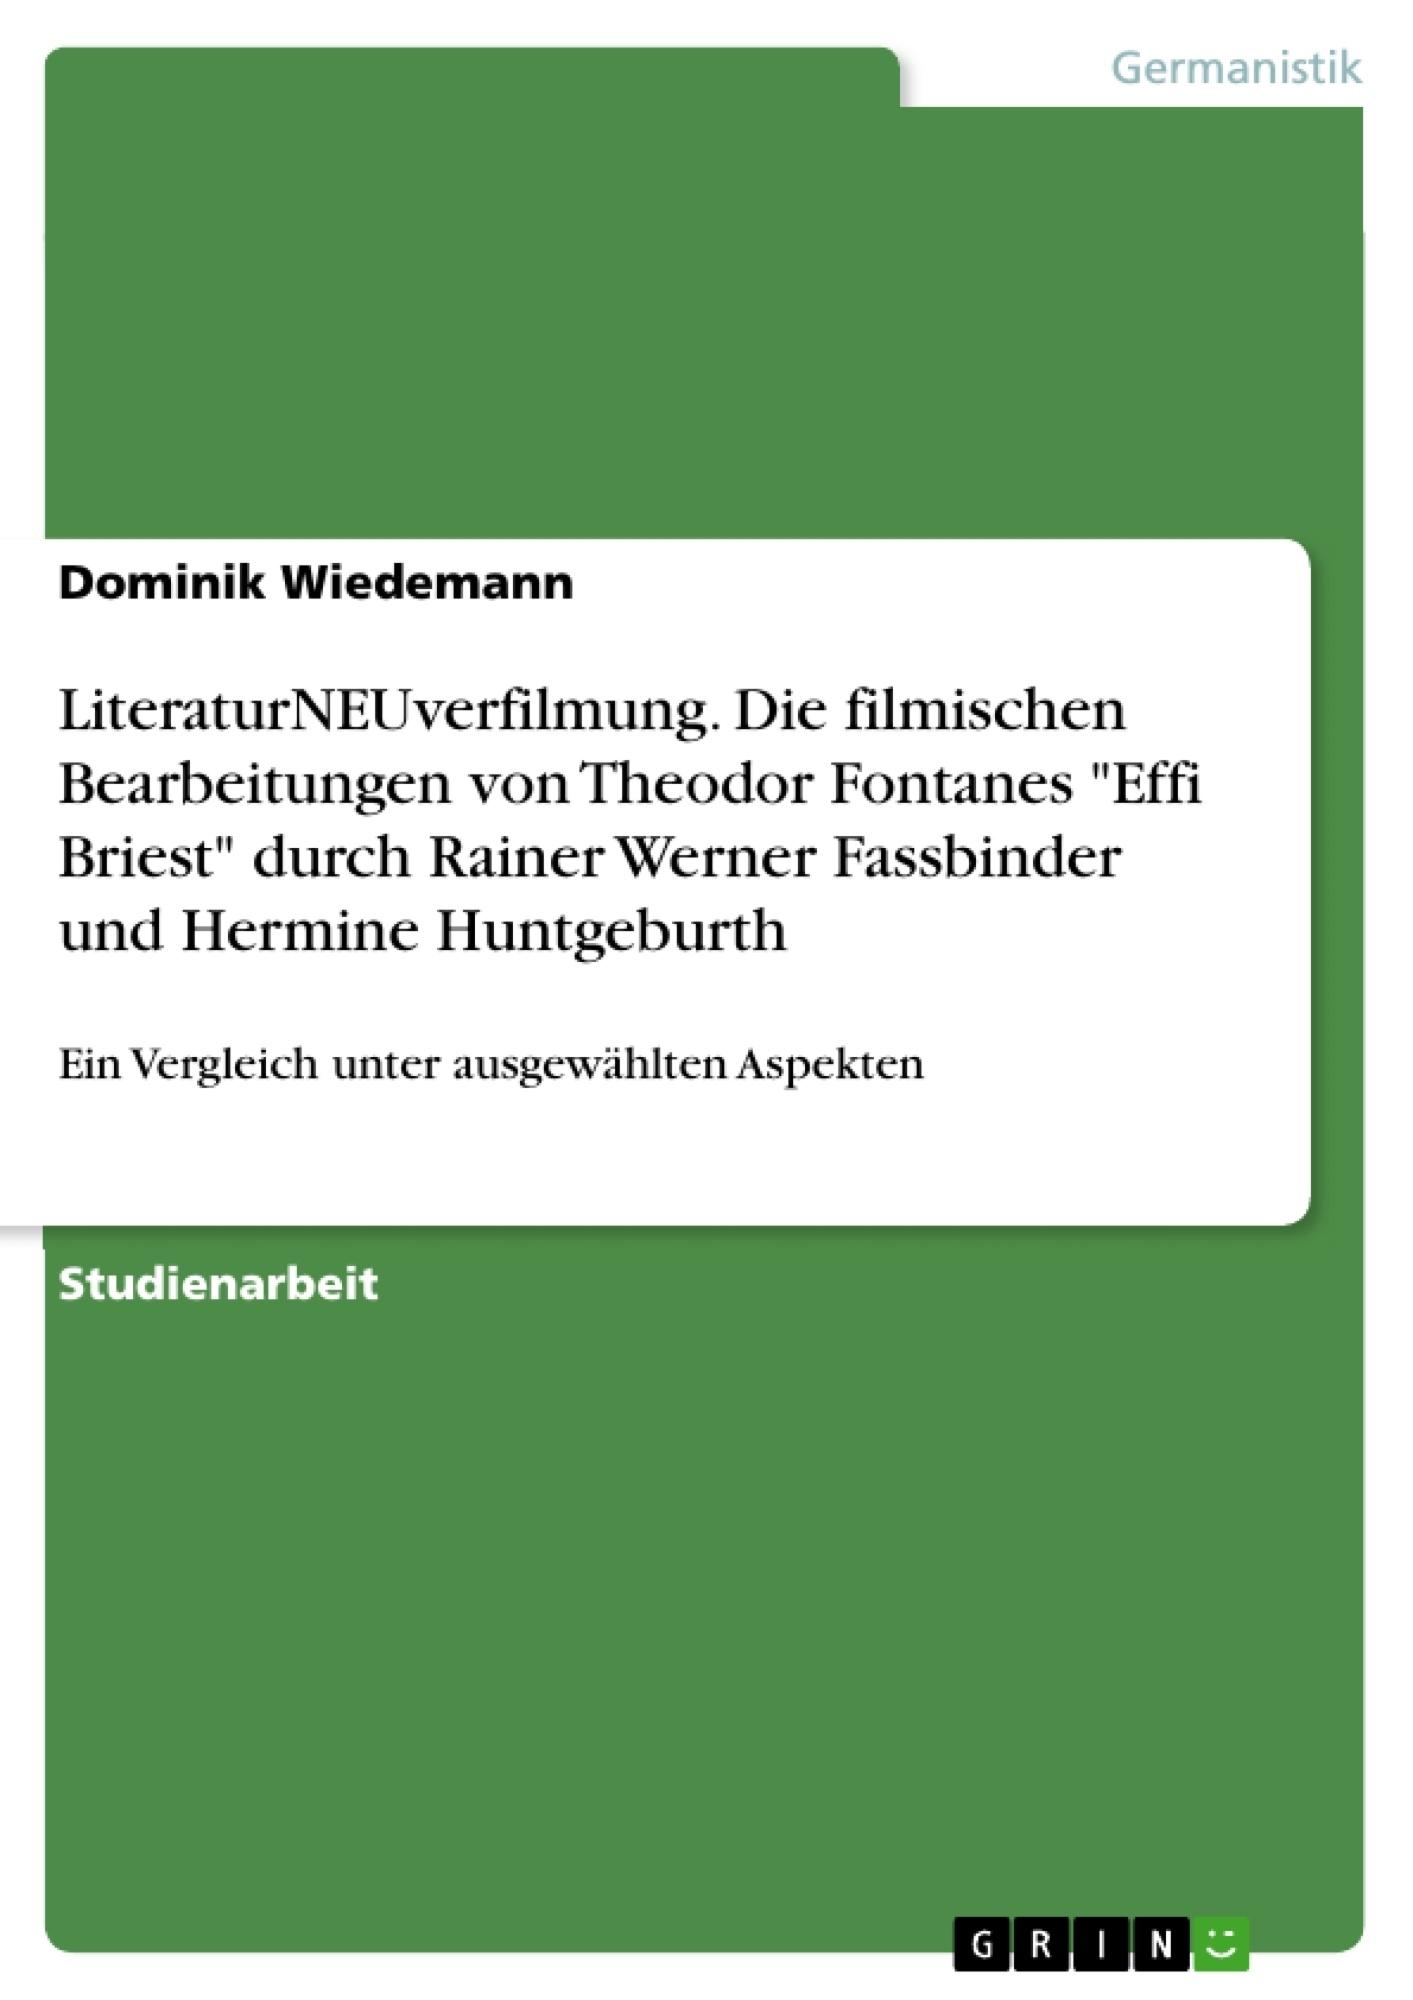 """Titel: LiteraturNEUverfilmung. Die filmischen Bearbeitungen von Theodor Fontanes """"Effi Briest"""" durch Rainer Werner Fassbinder und Hermine Huntgeburth"""